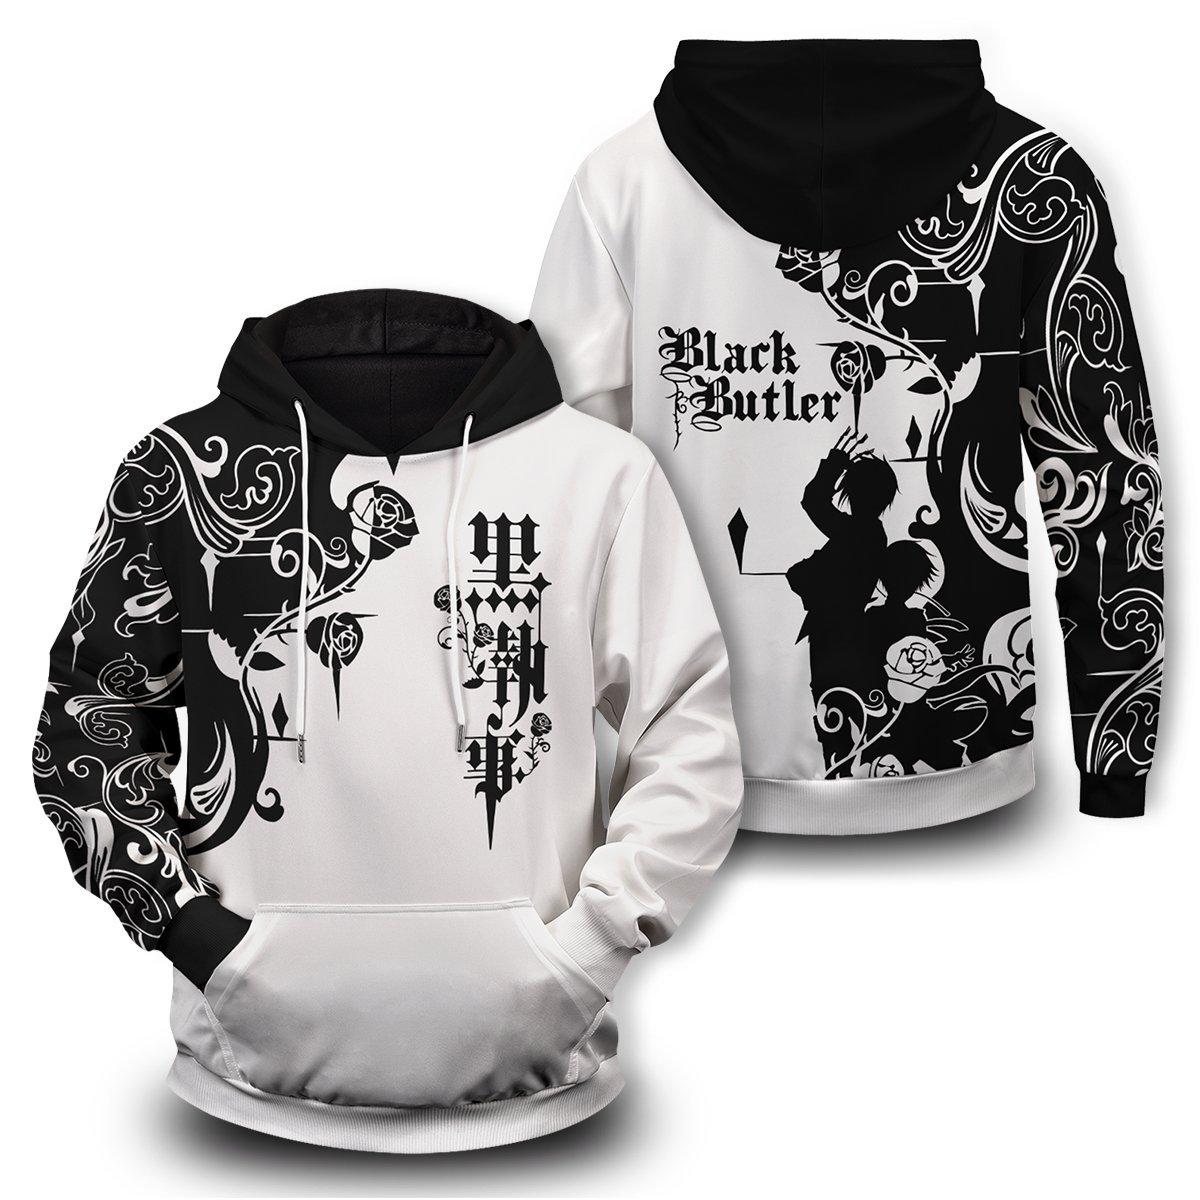 Black butler unisex pullover hoodie